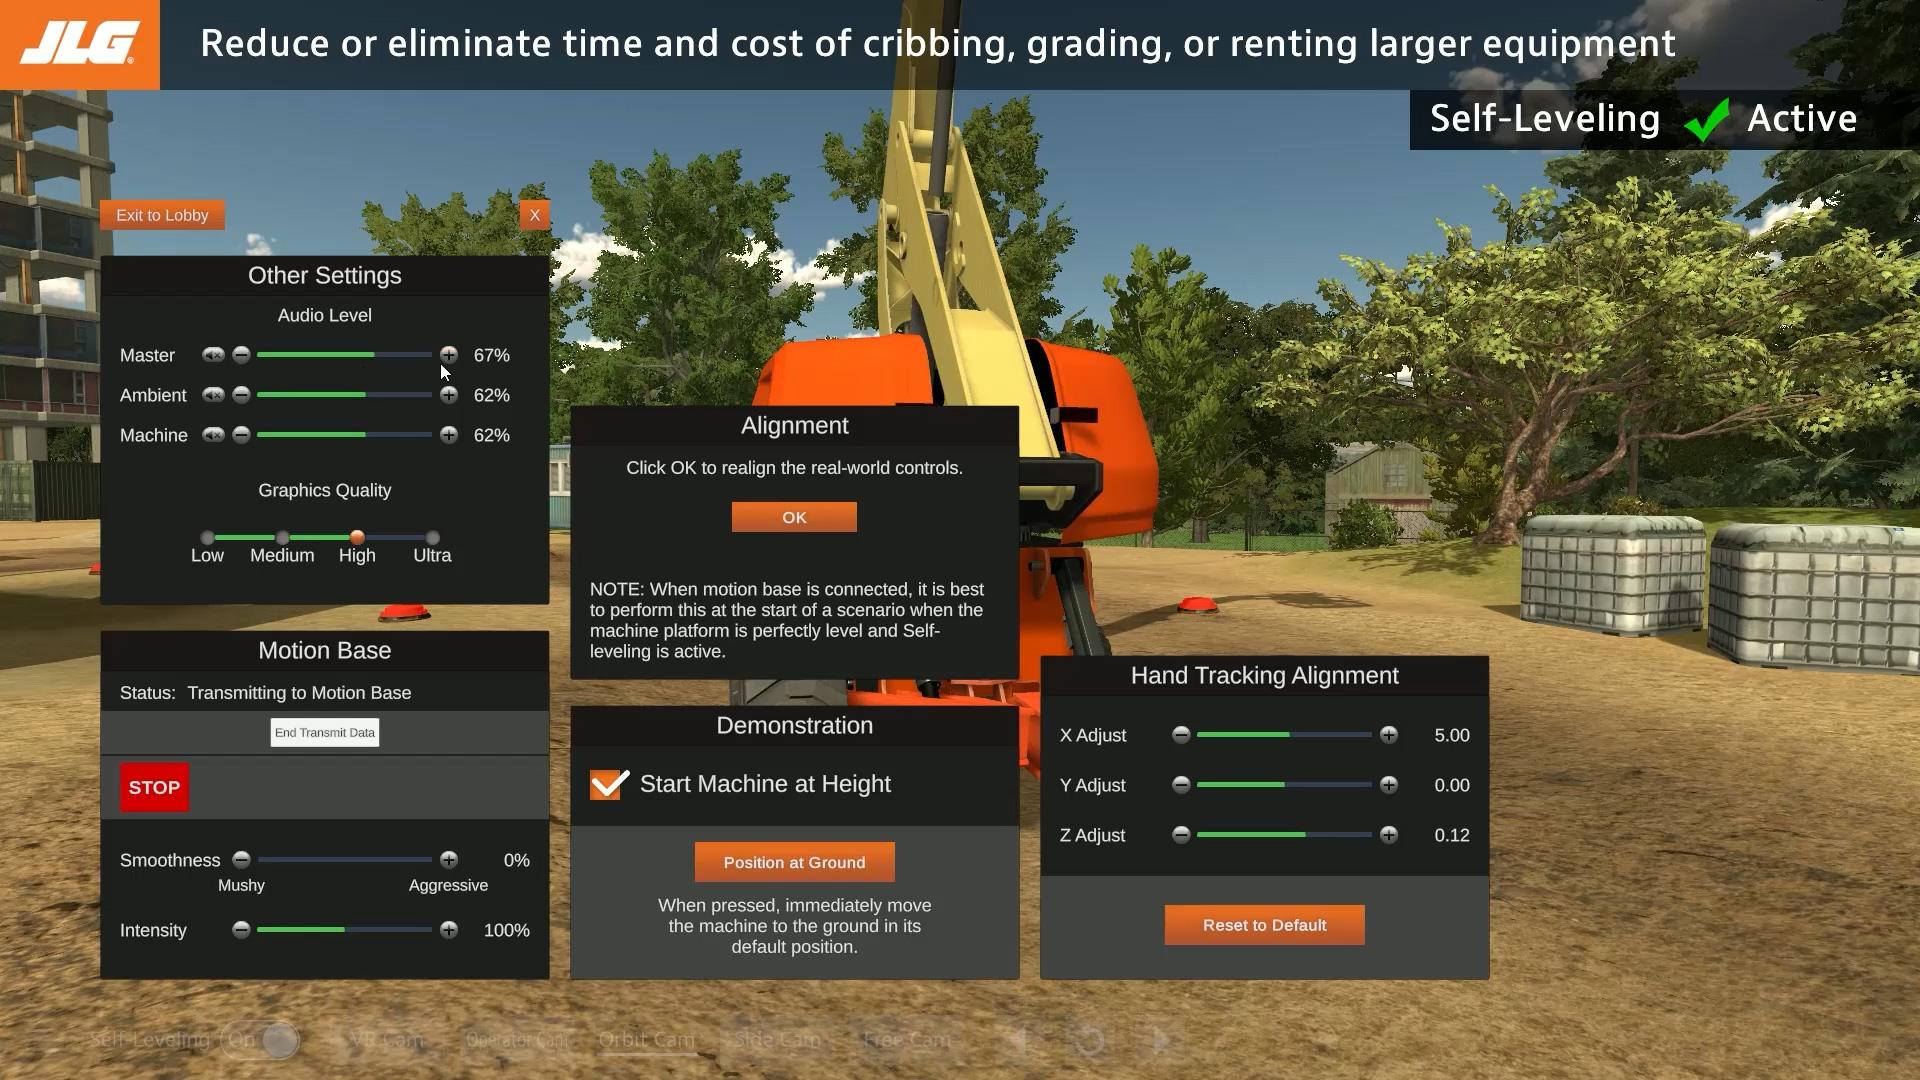 JLG Training Simulator Settings Screen